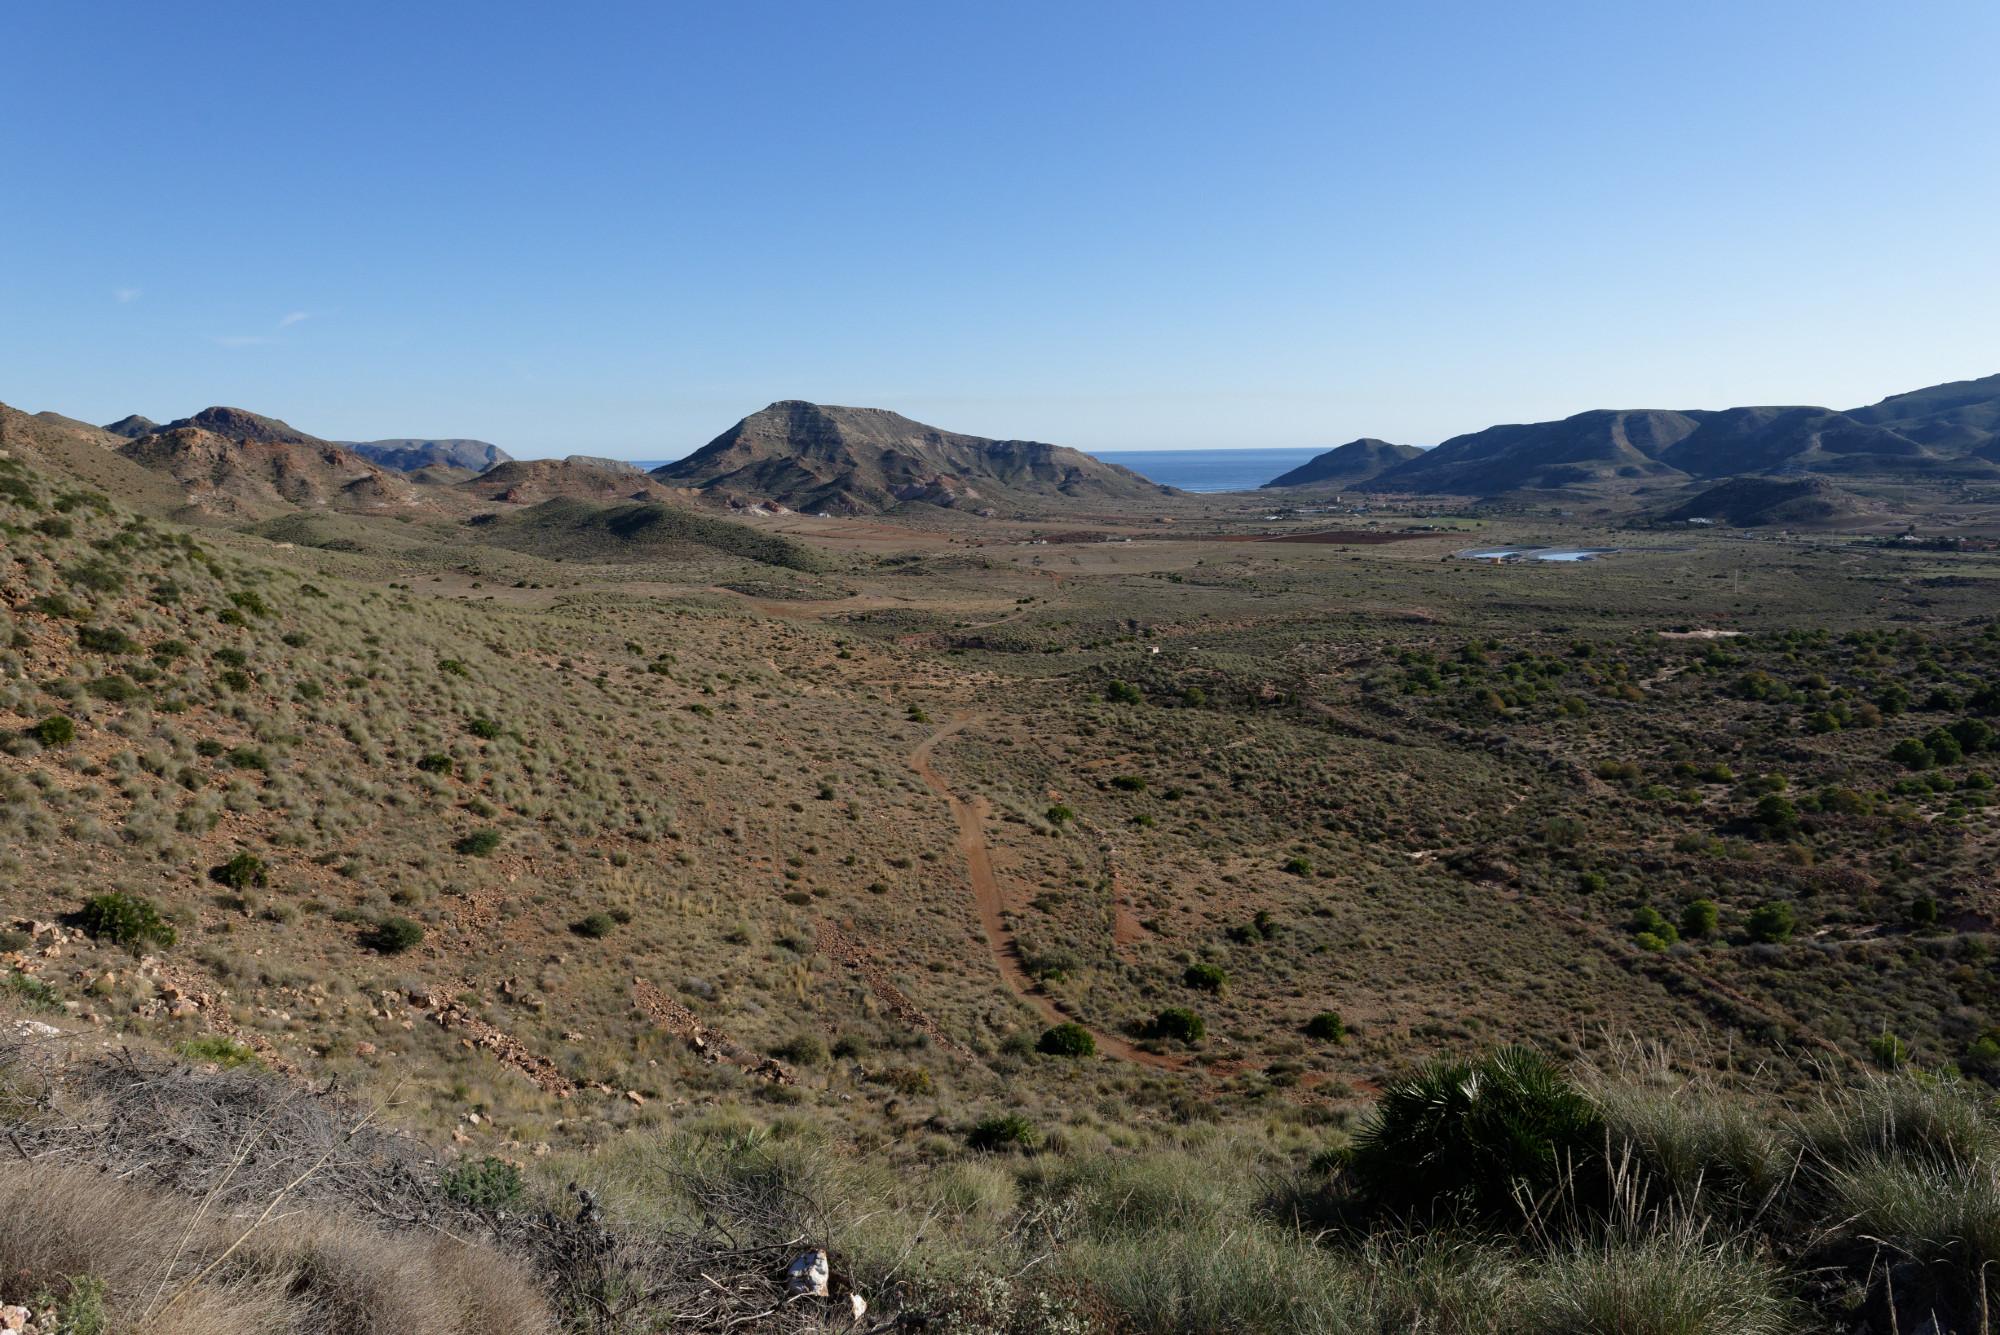 171218-Piste Rodalquilar vers Cortijo del Fraile (Cabo de Gata-Andalousie) (11)